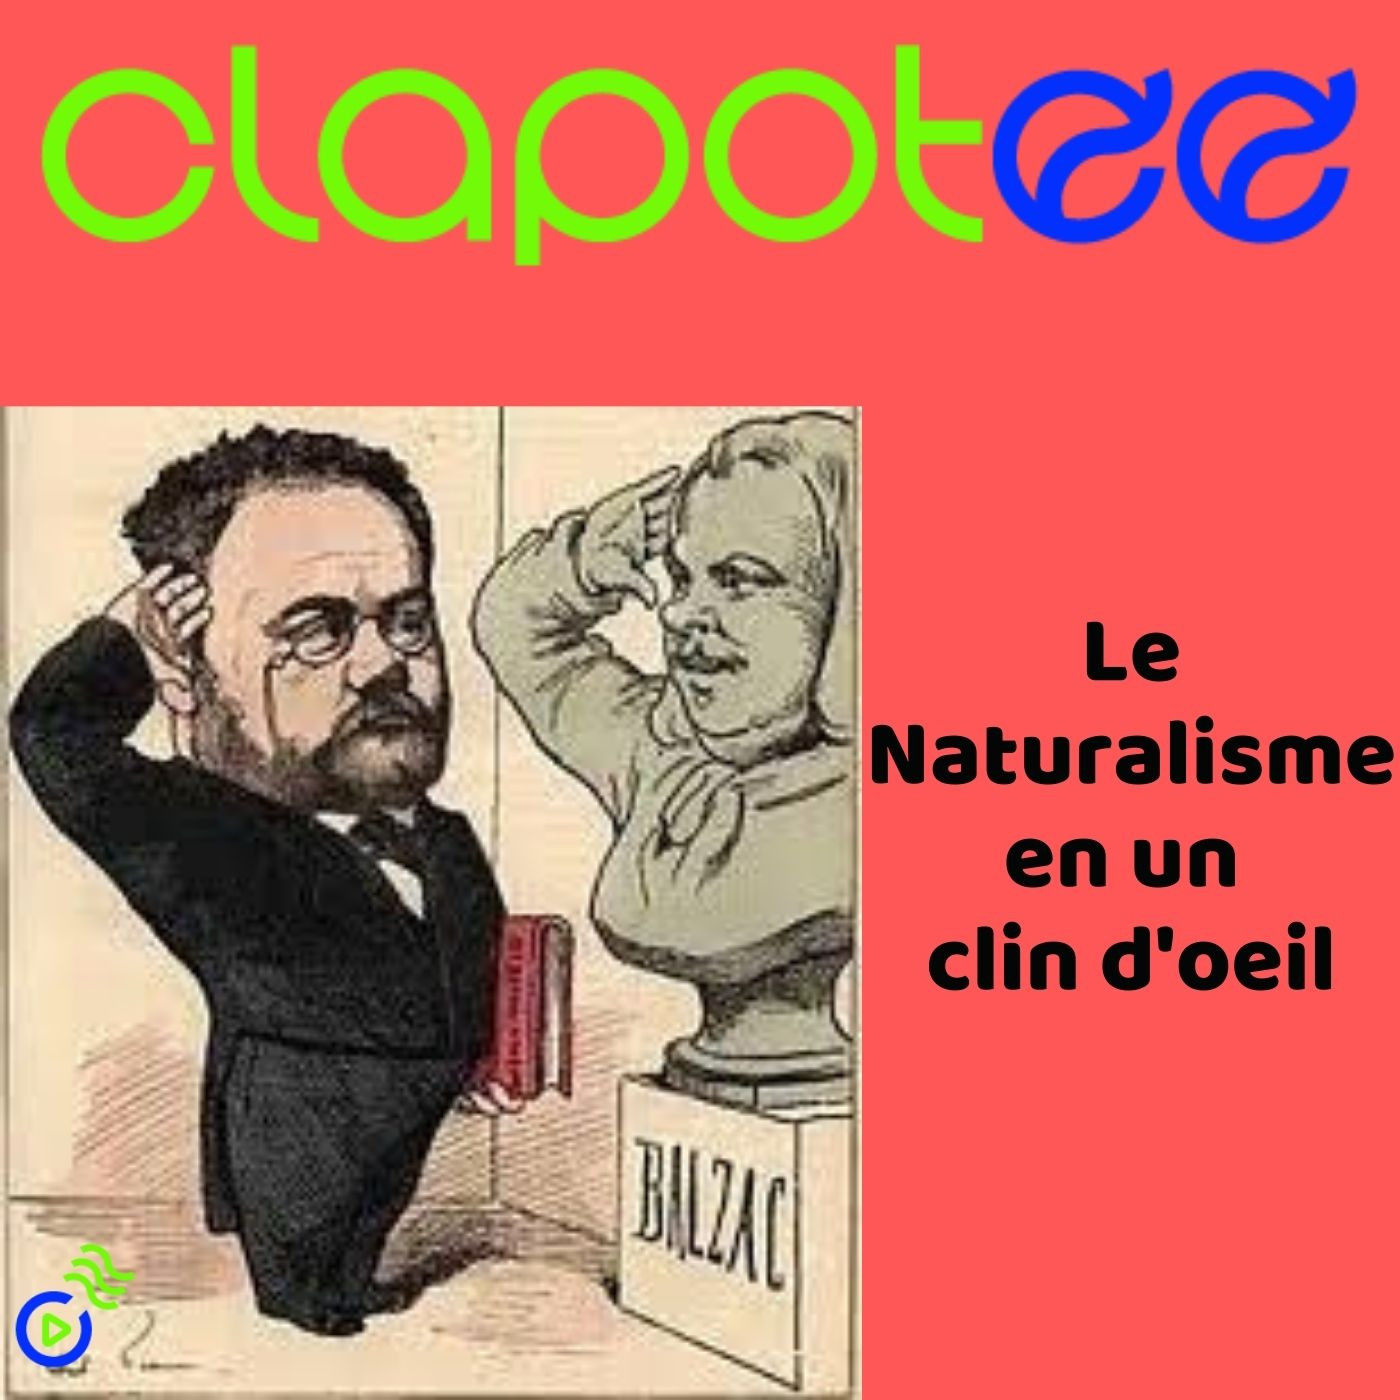 Le Naturalisme en un clin d'oeil !